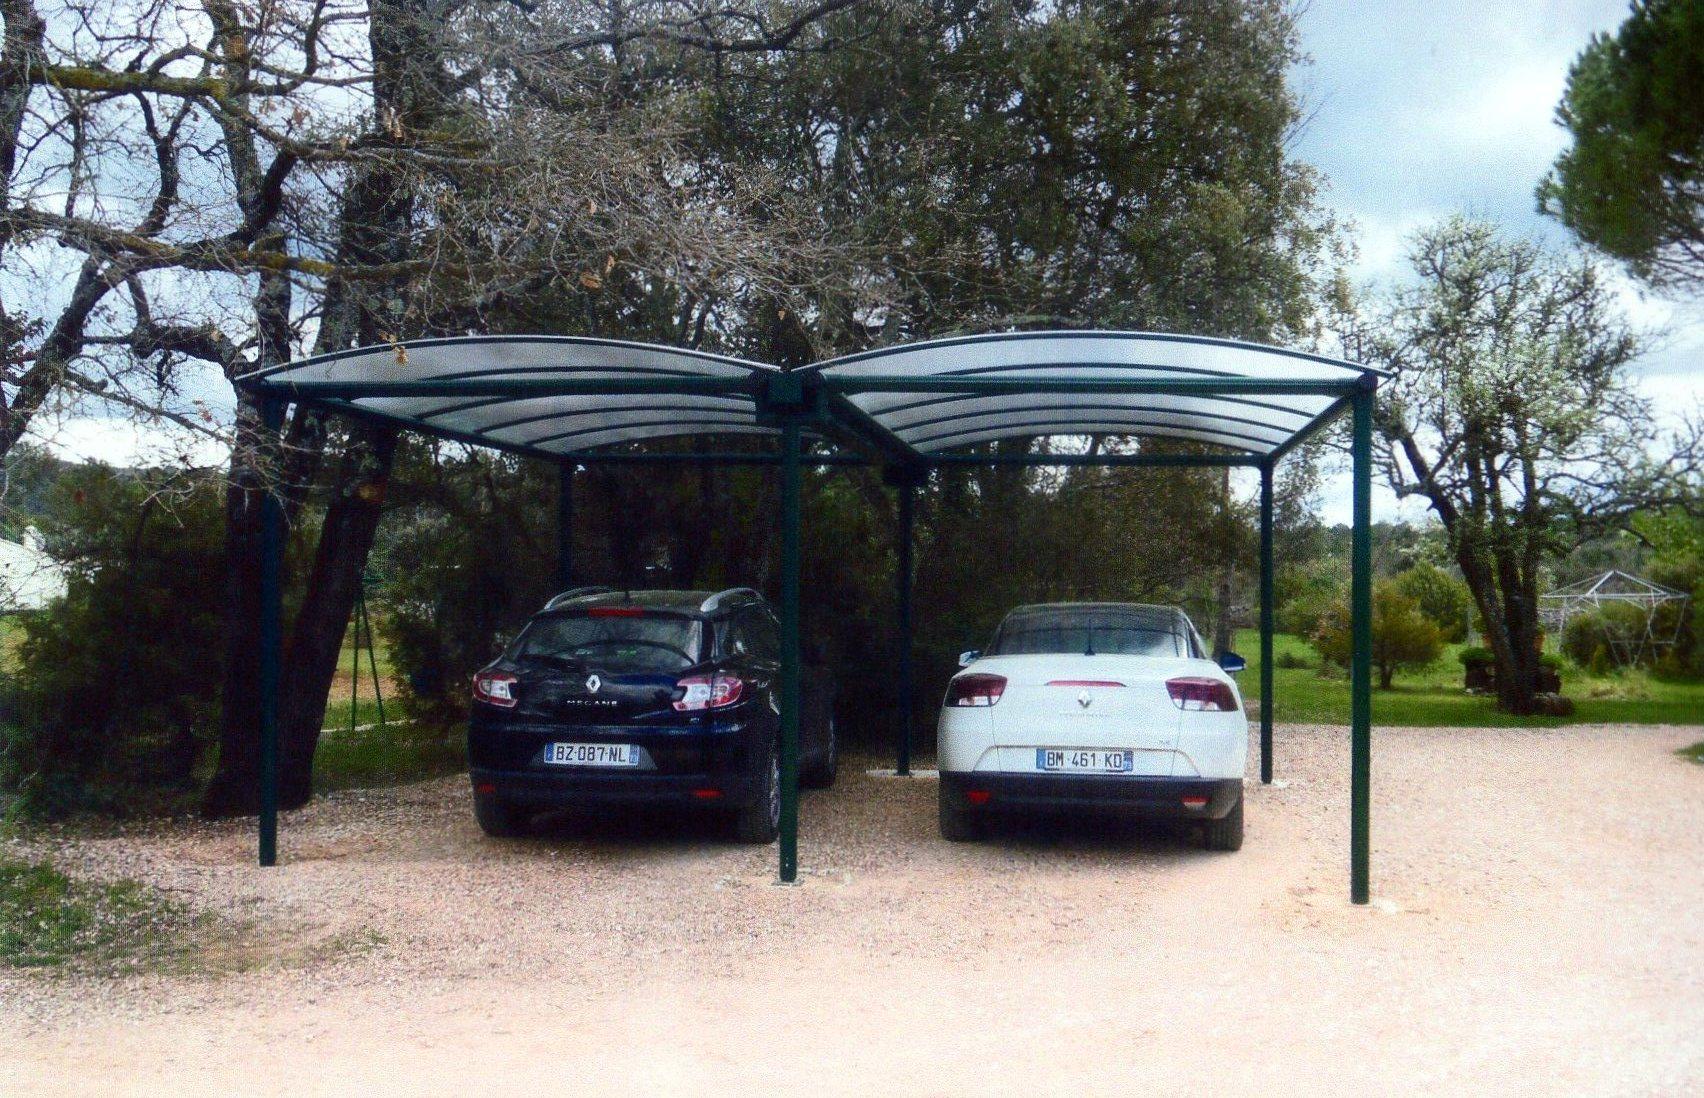 mettez votre voiture l abri avec le carport m tallique blog conseil abri jardin garage. Black Bedroom Furniture Sets. Home Design Ideas